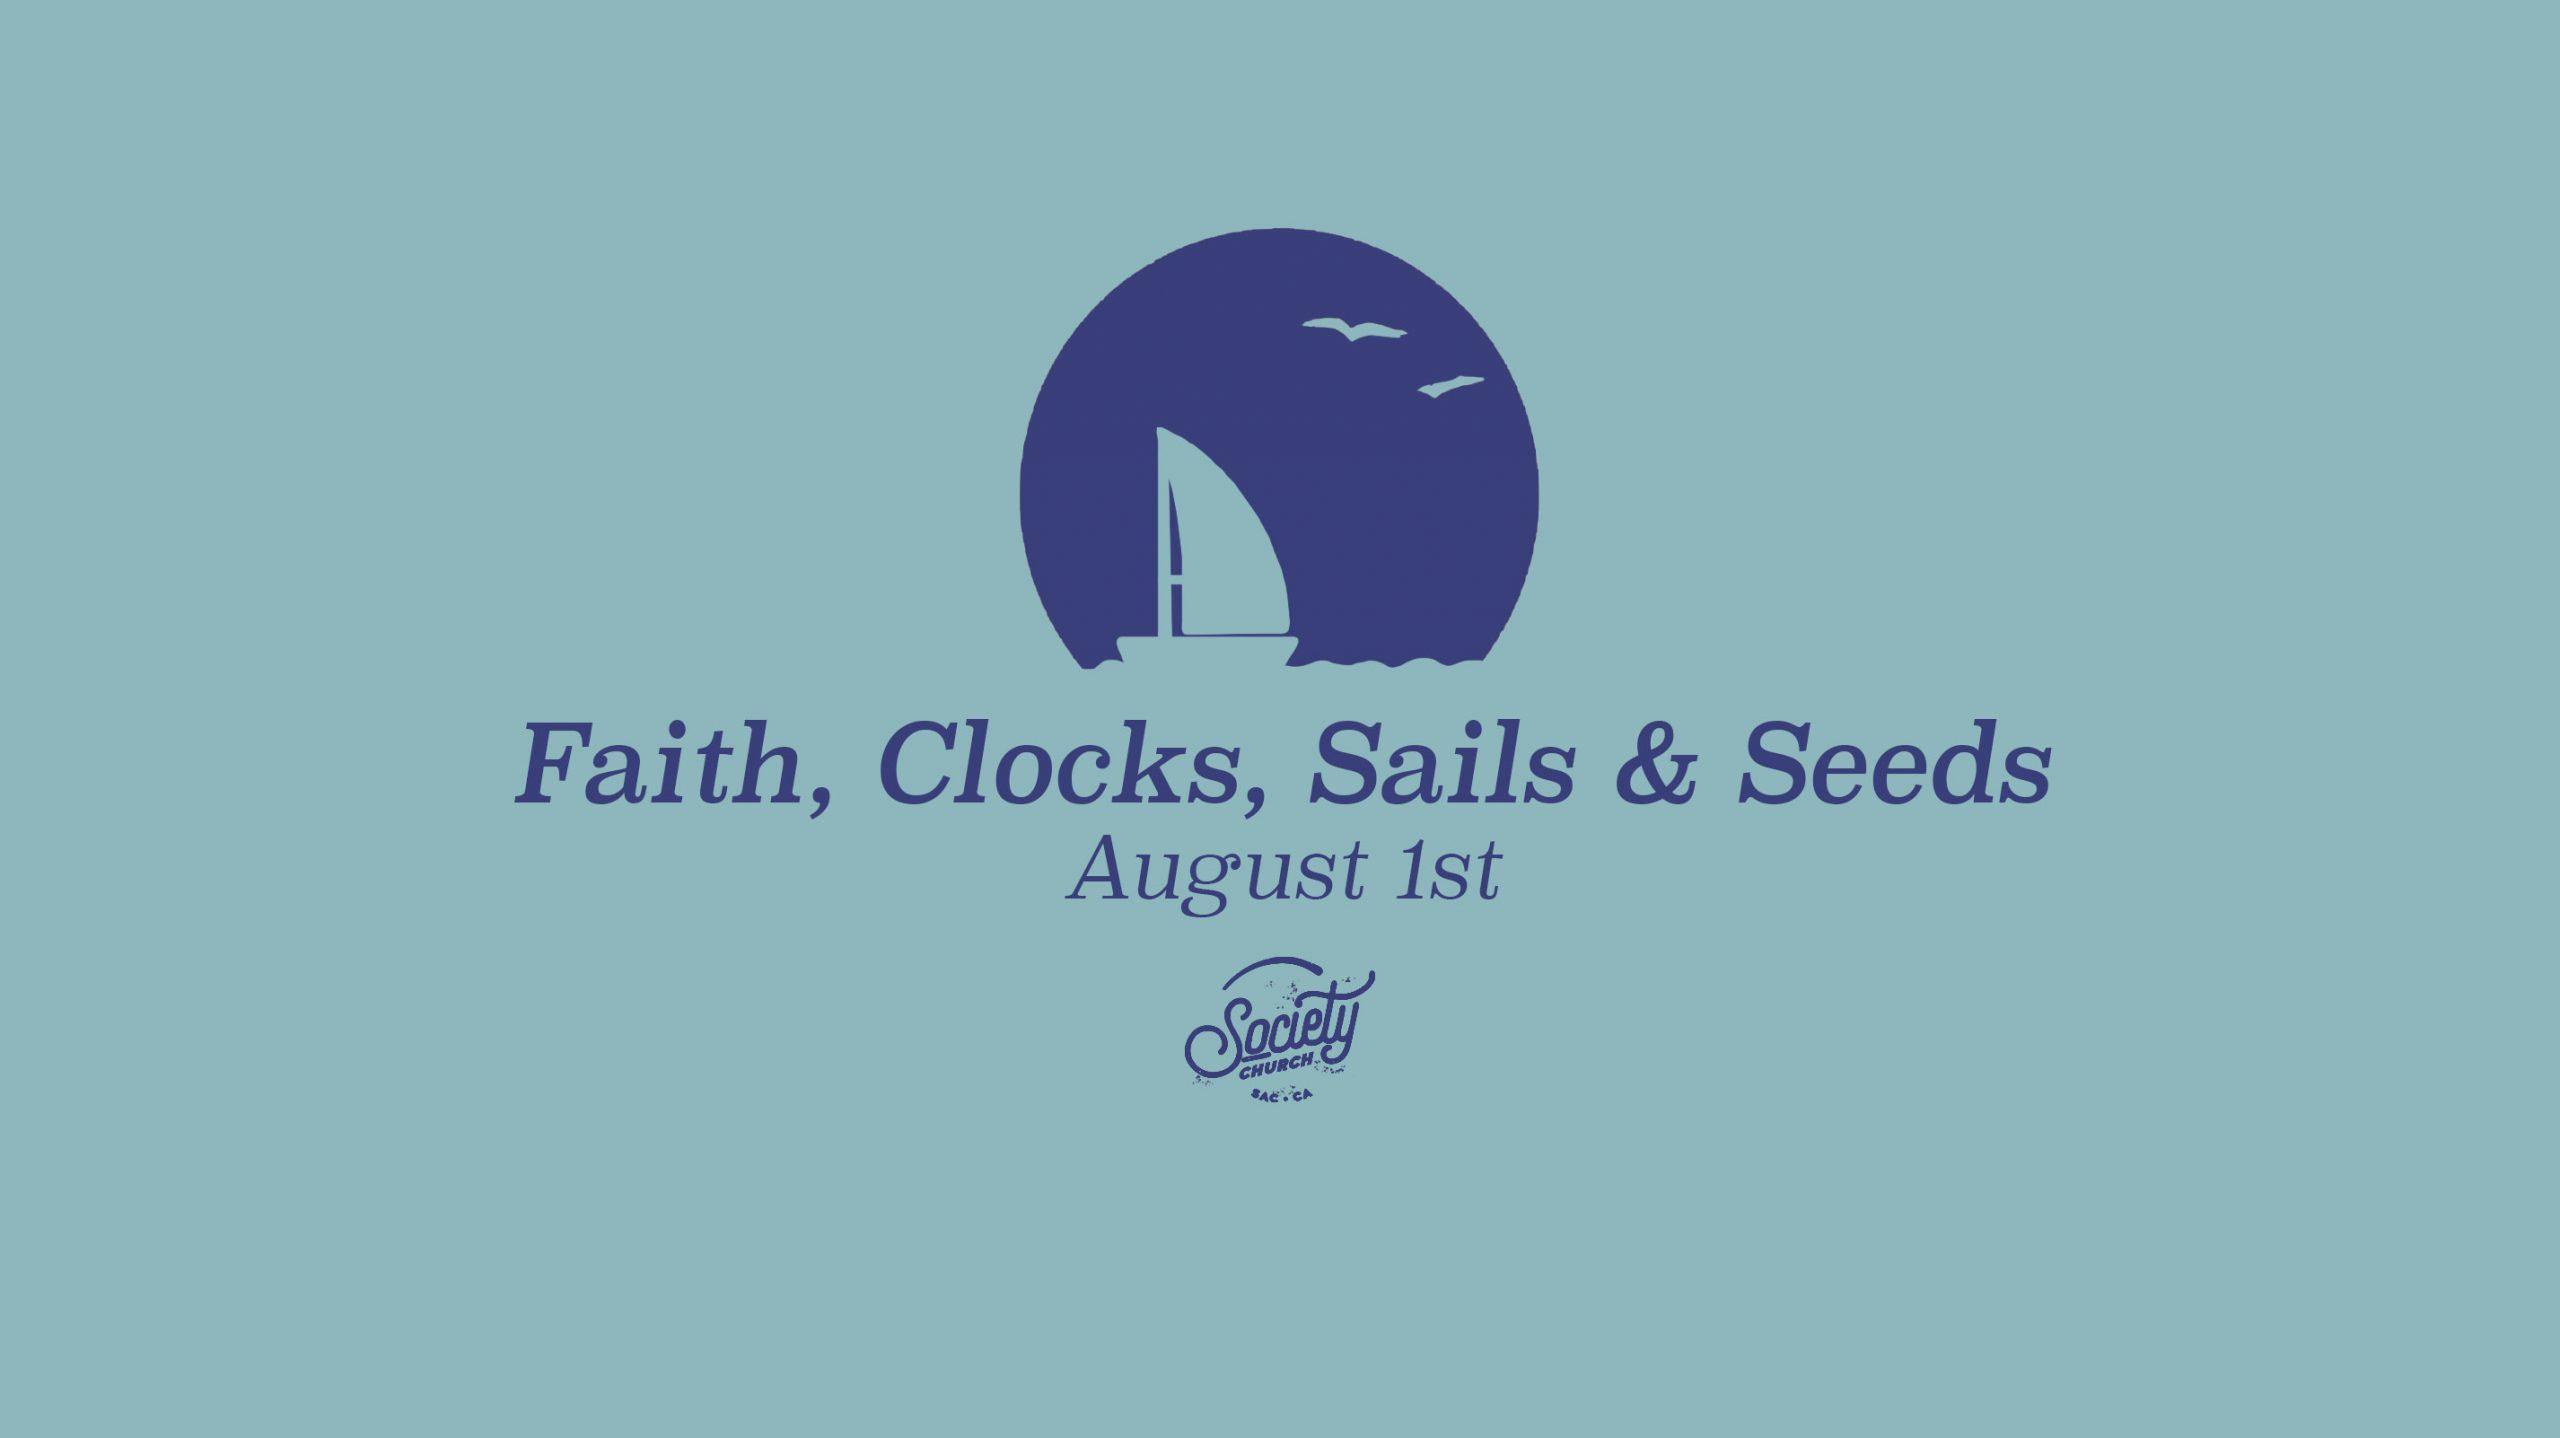 Faith, Clocks, Sails & Seeds